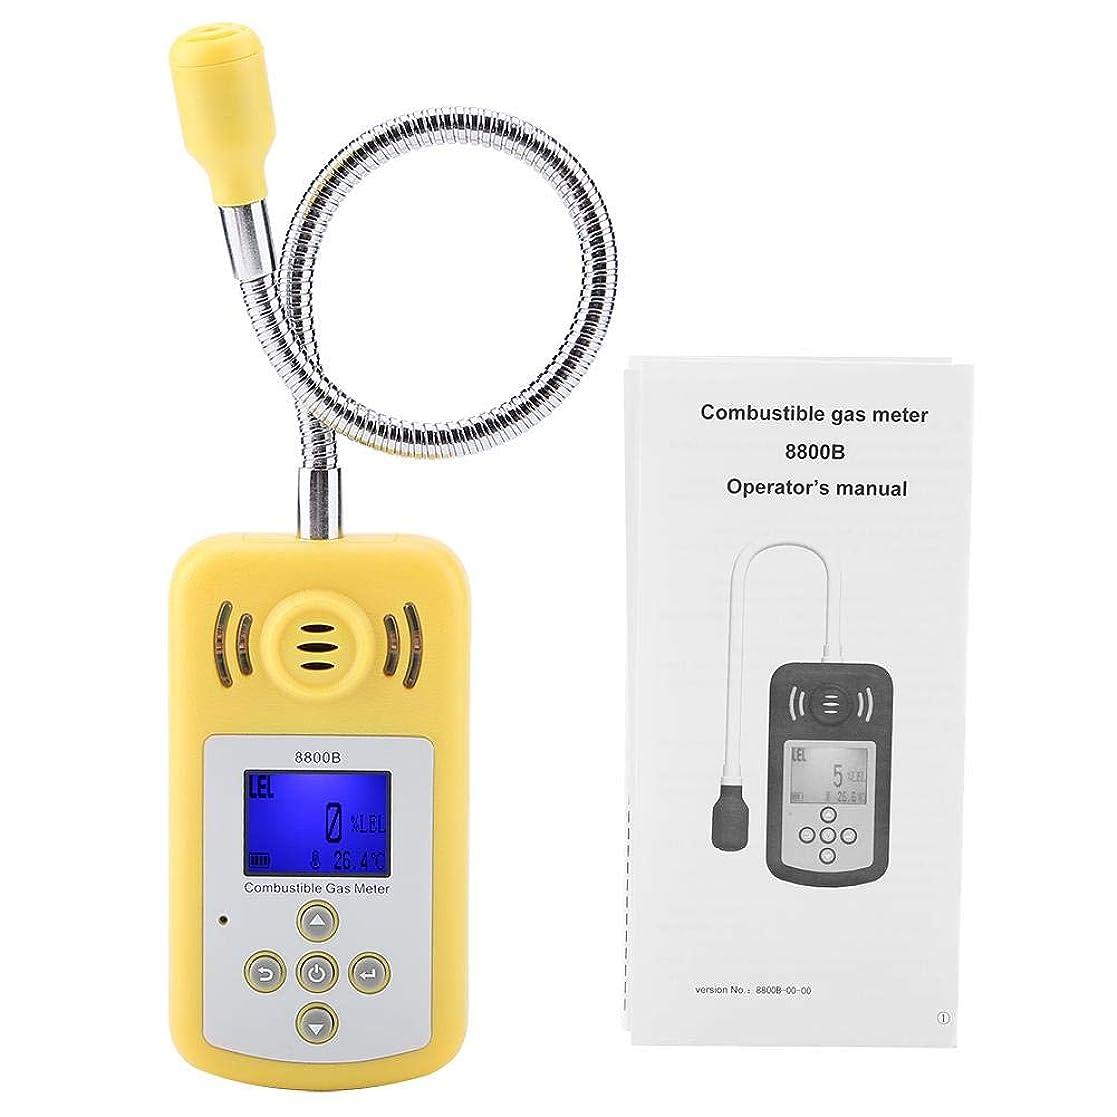 フェザー航空会社扱いやすい可燃性ガス検知器、PT8800B黄色のデジタル表示可燃性ガス漏れ検知器-15?50°C